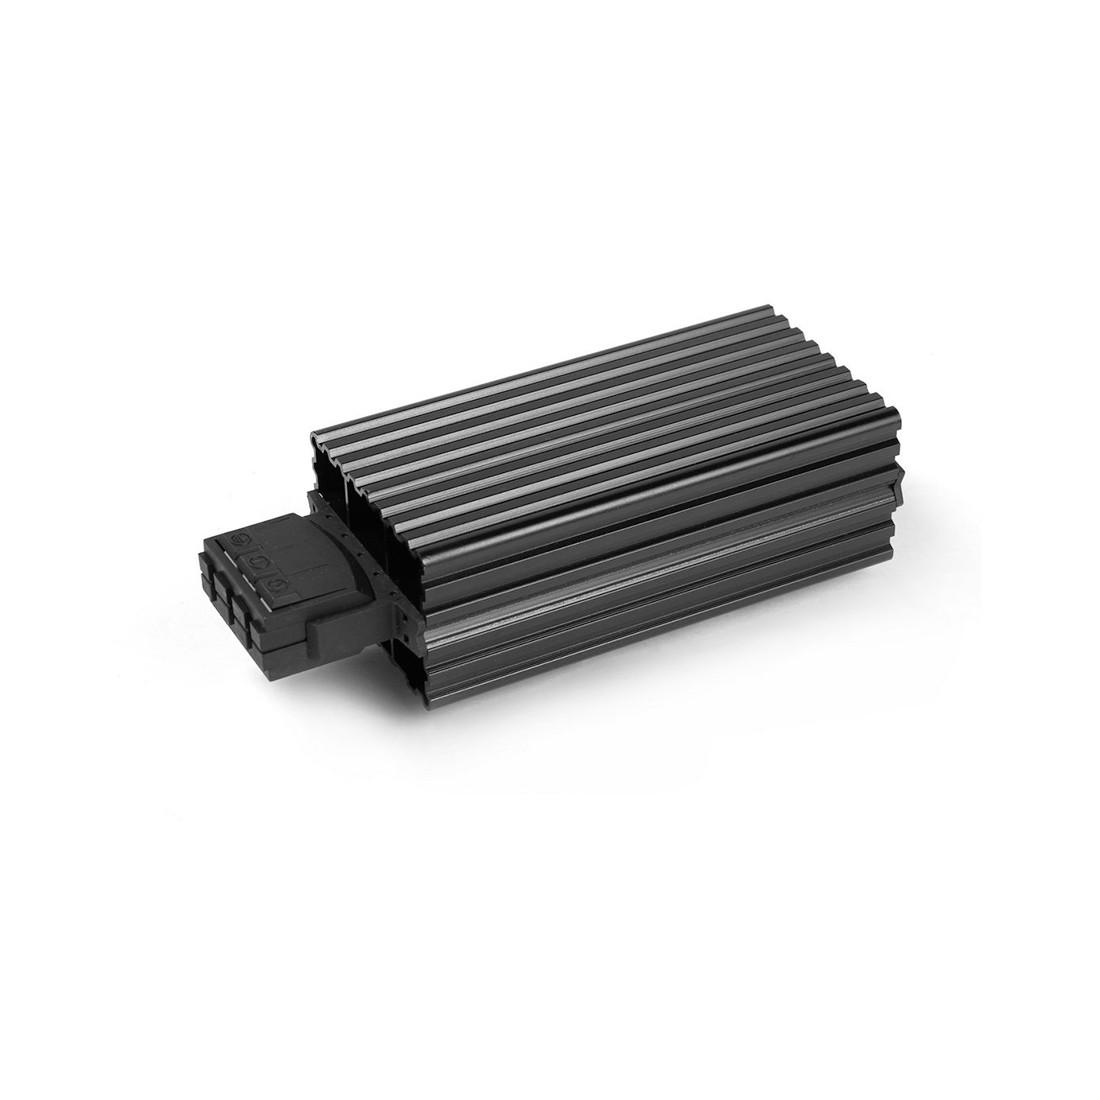 Обогреватель шкафной iPower HG140 100W 110-250V AC/DC (на дин-рейку)